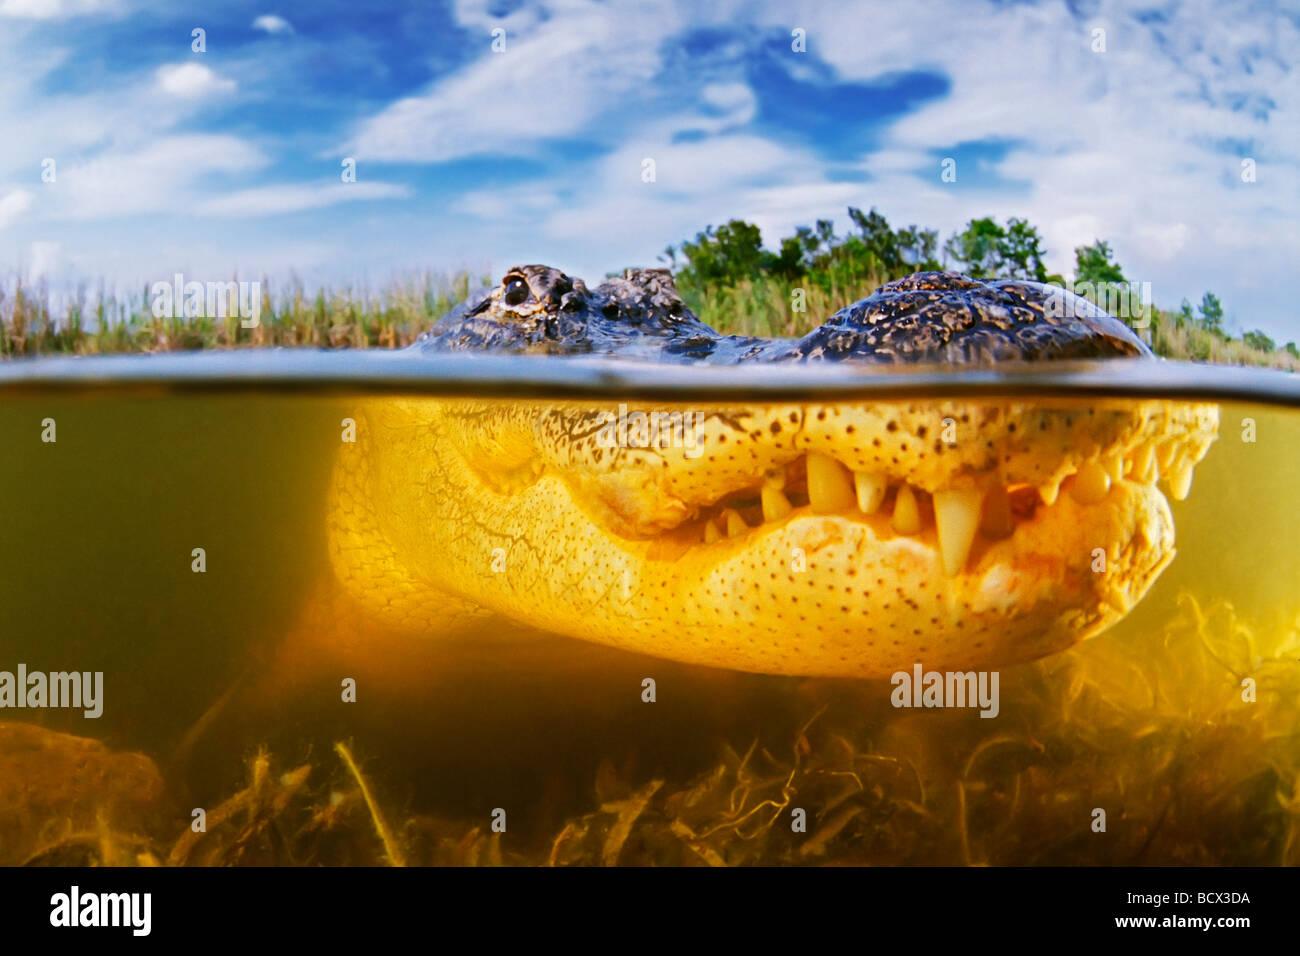 American Alligator Alligator mississipiensis Parque Nacional Everglades Florida USA Imagen De Stock